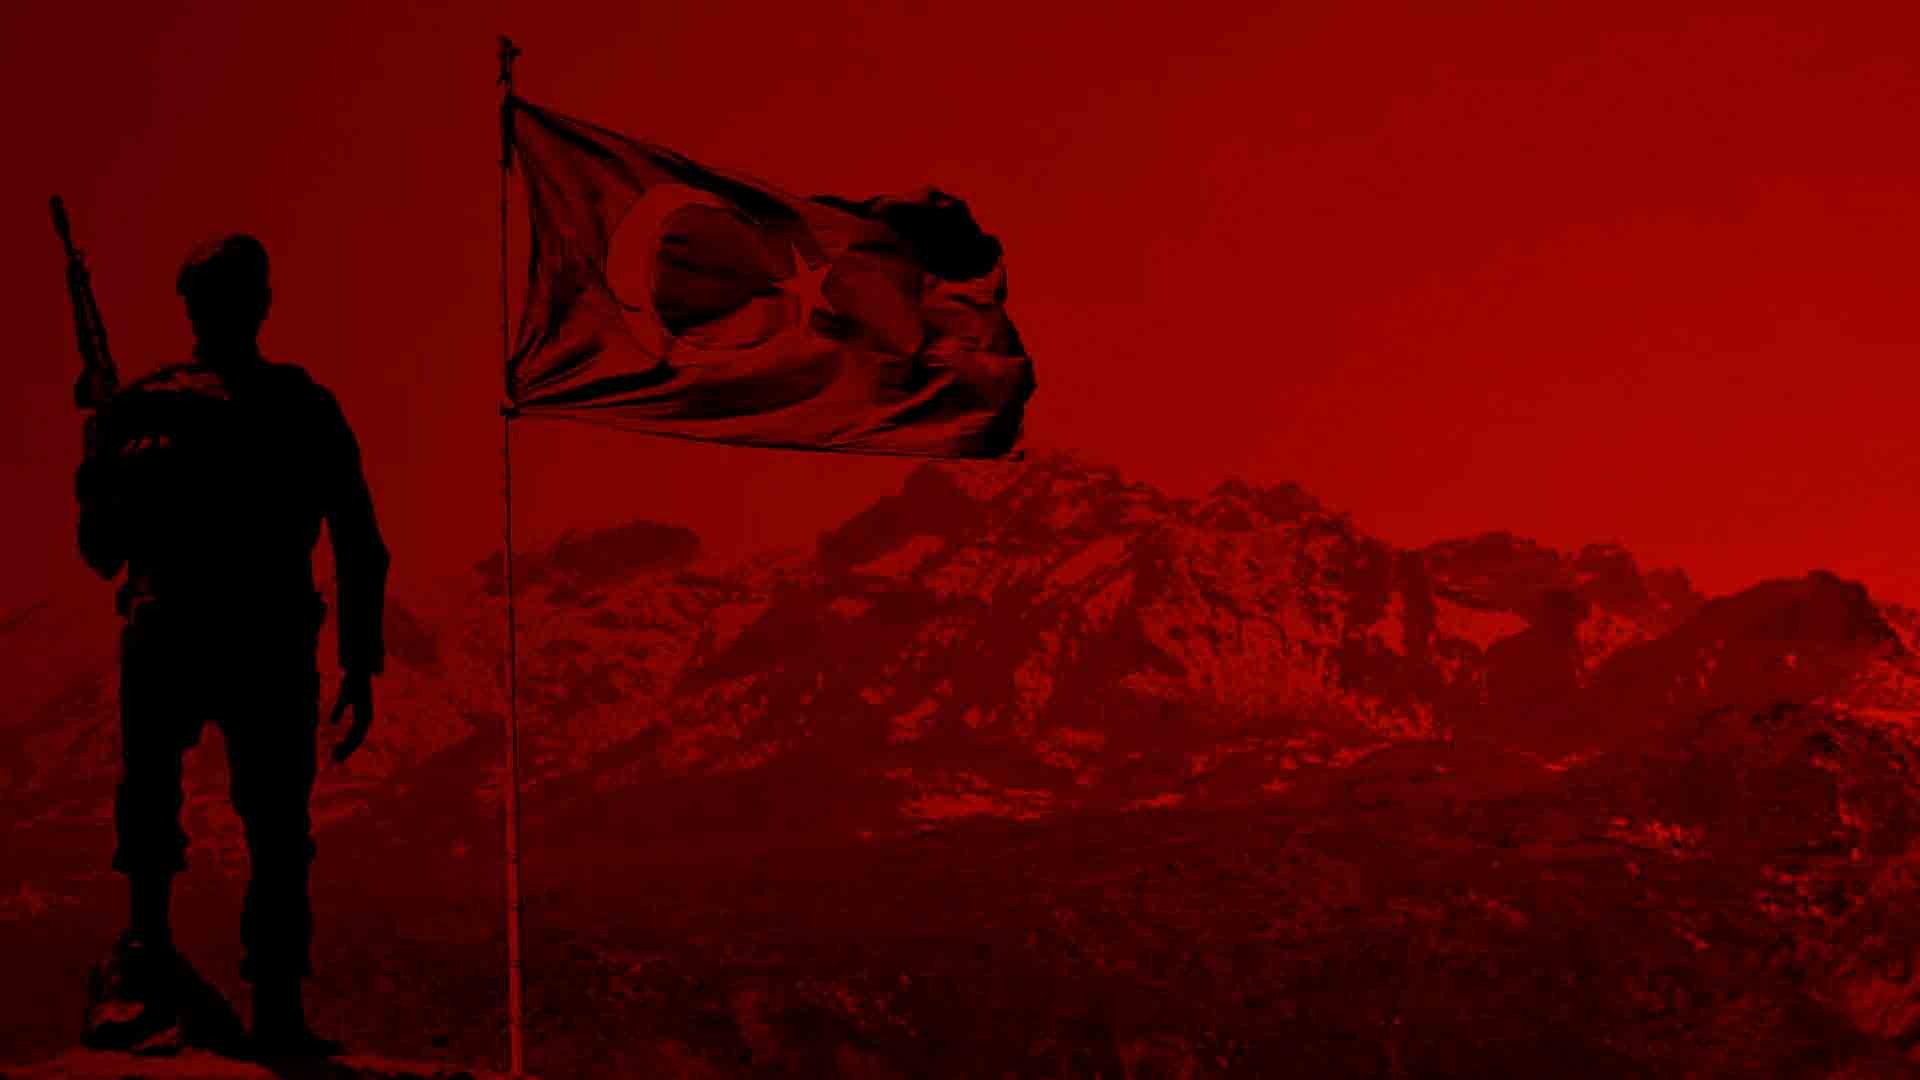 Hd Türk Bayrağı Konya Haber Konyanın En Büyük Internet